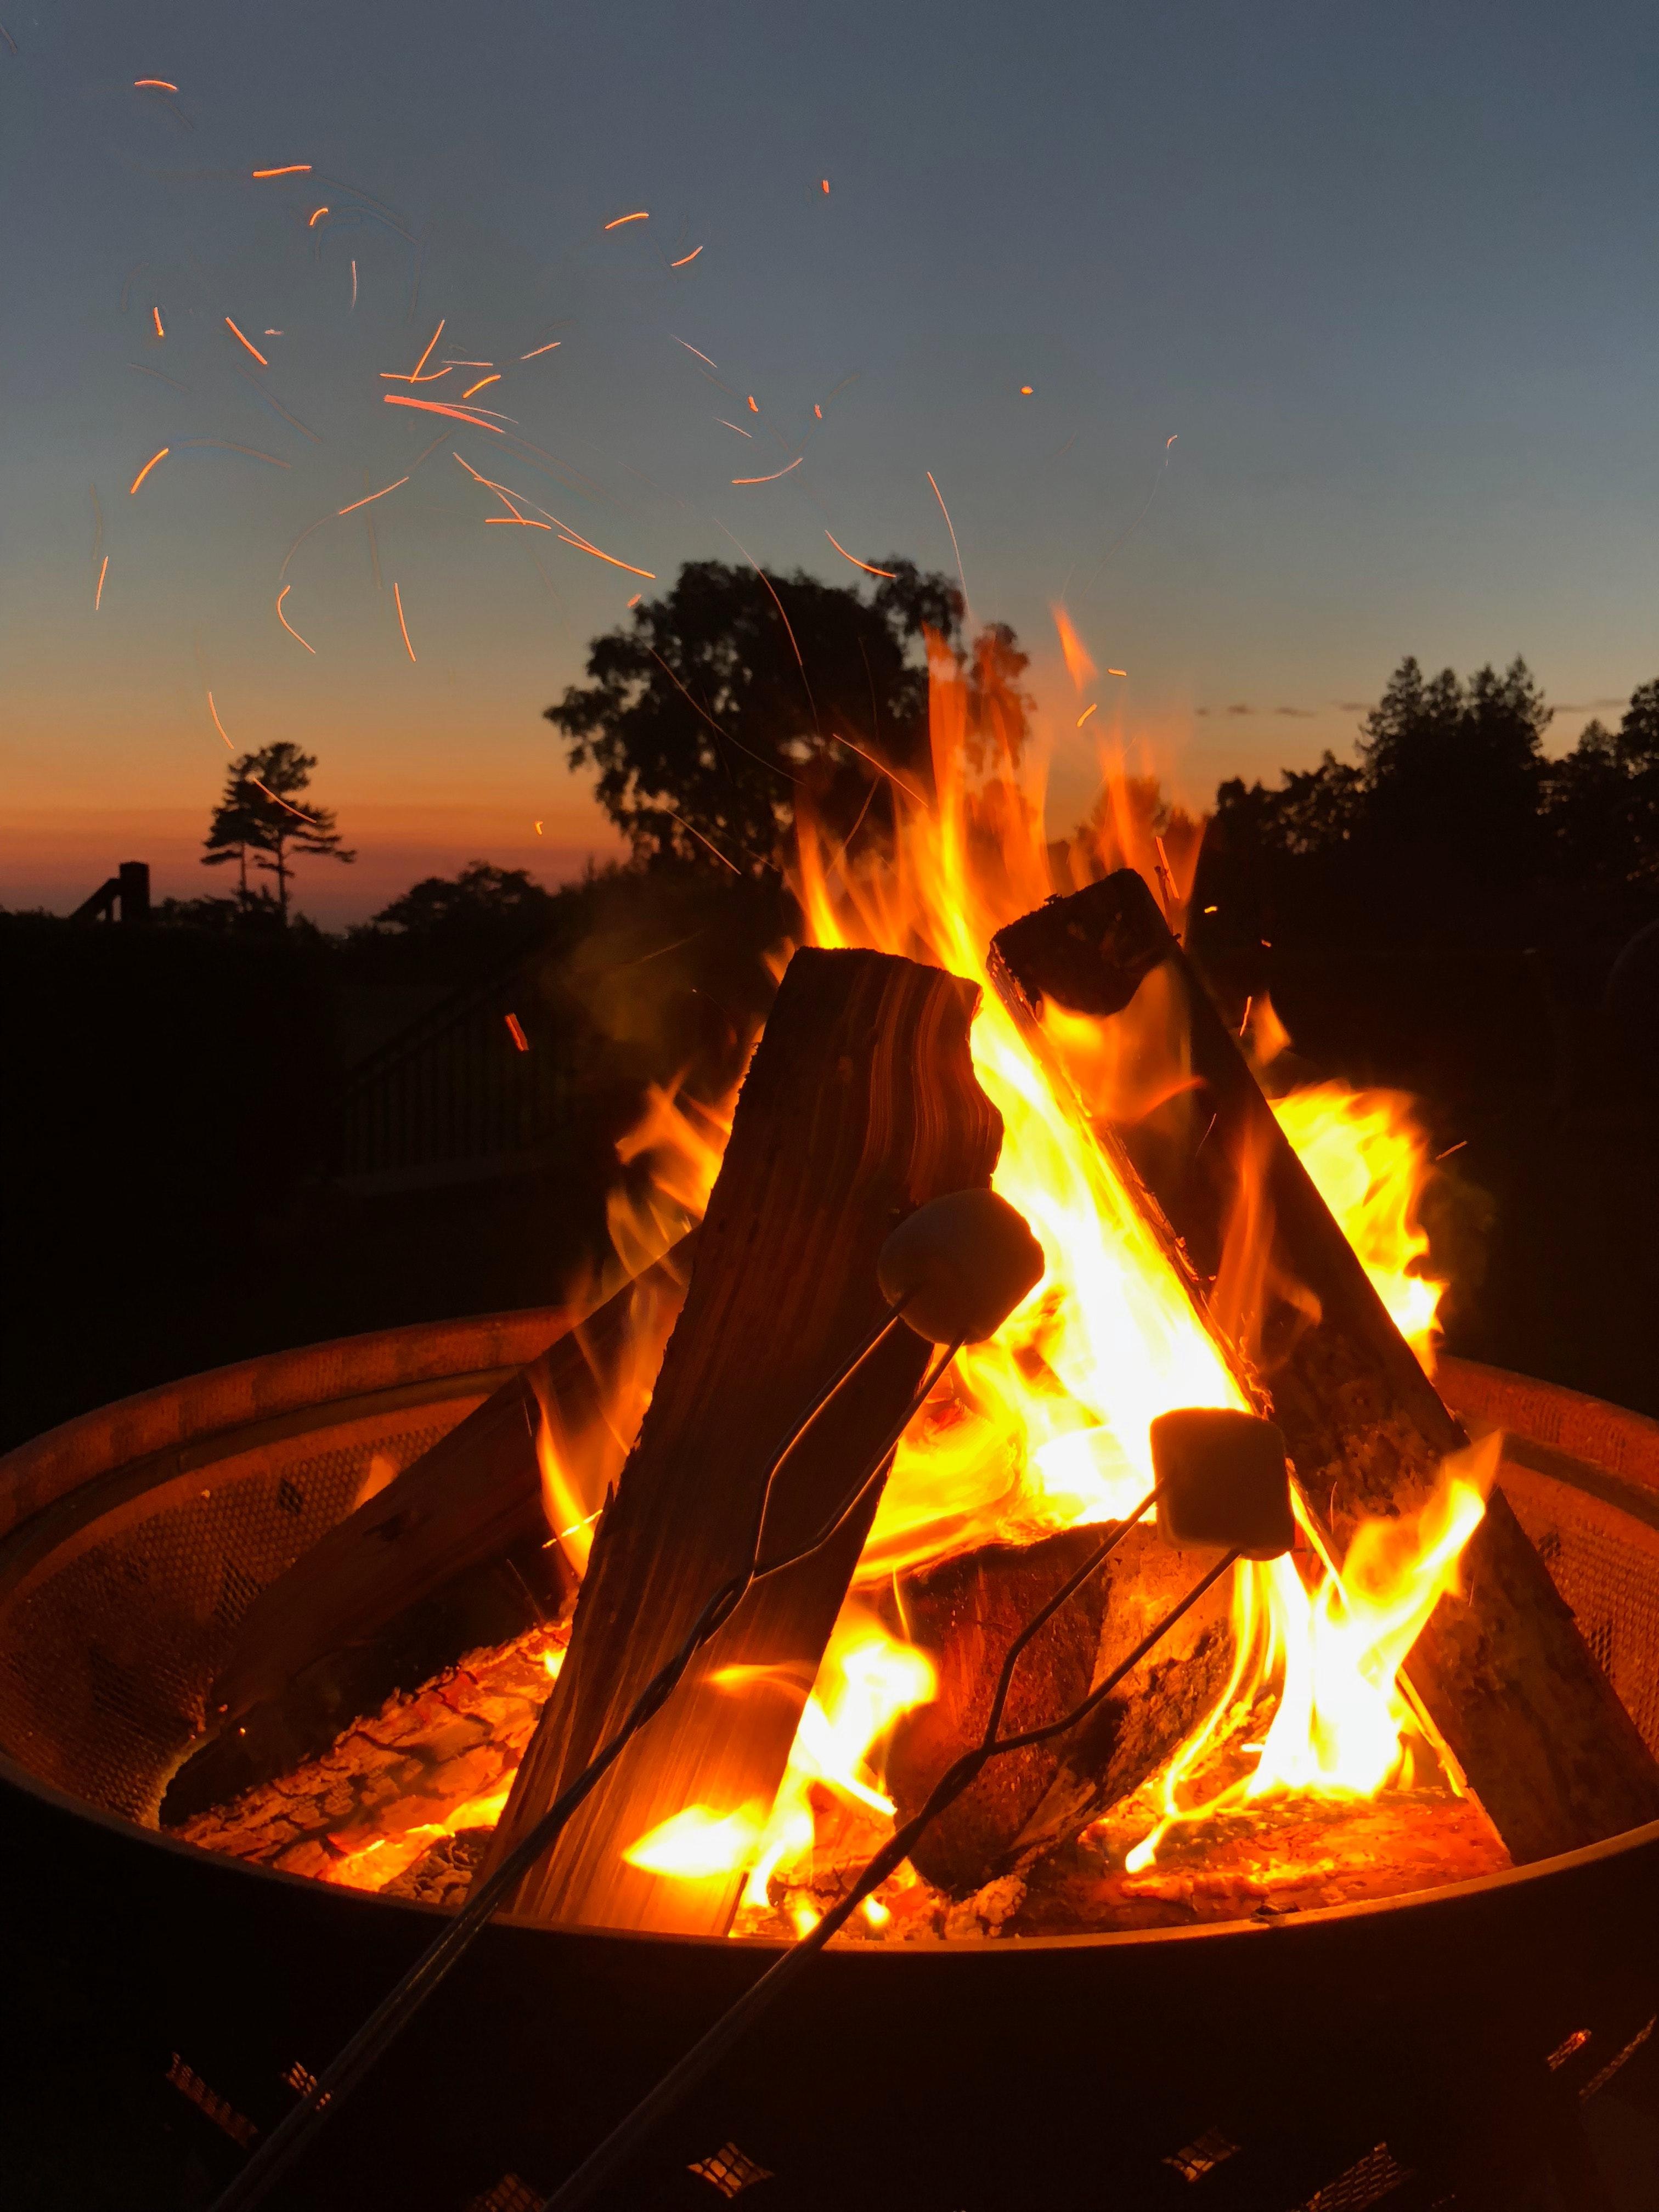 Background ngọn lửa đơn giản mà đẹp